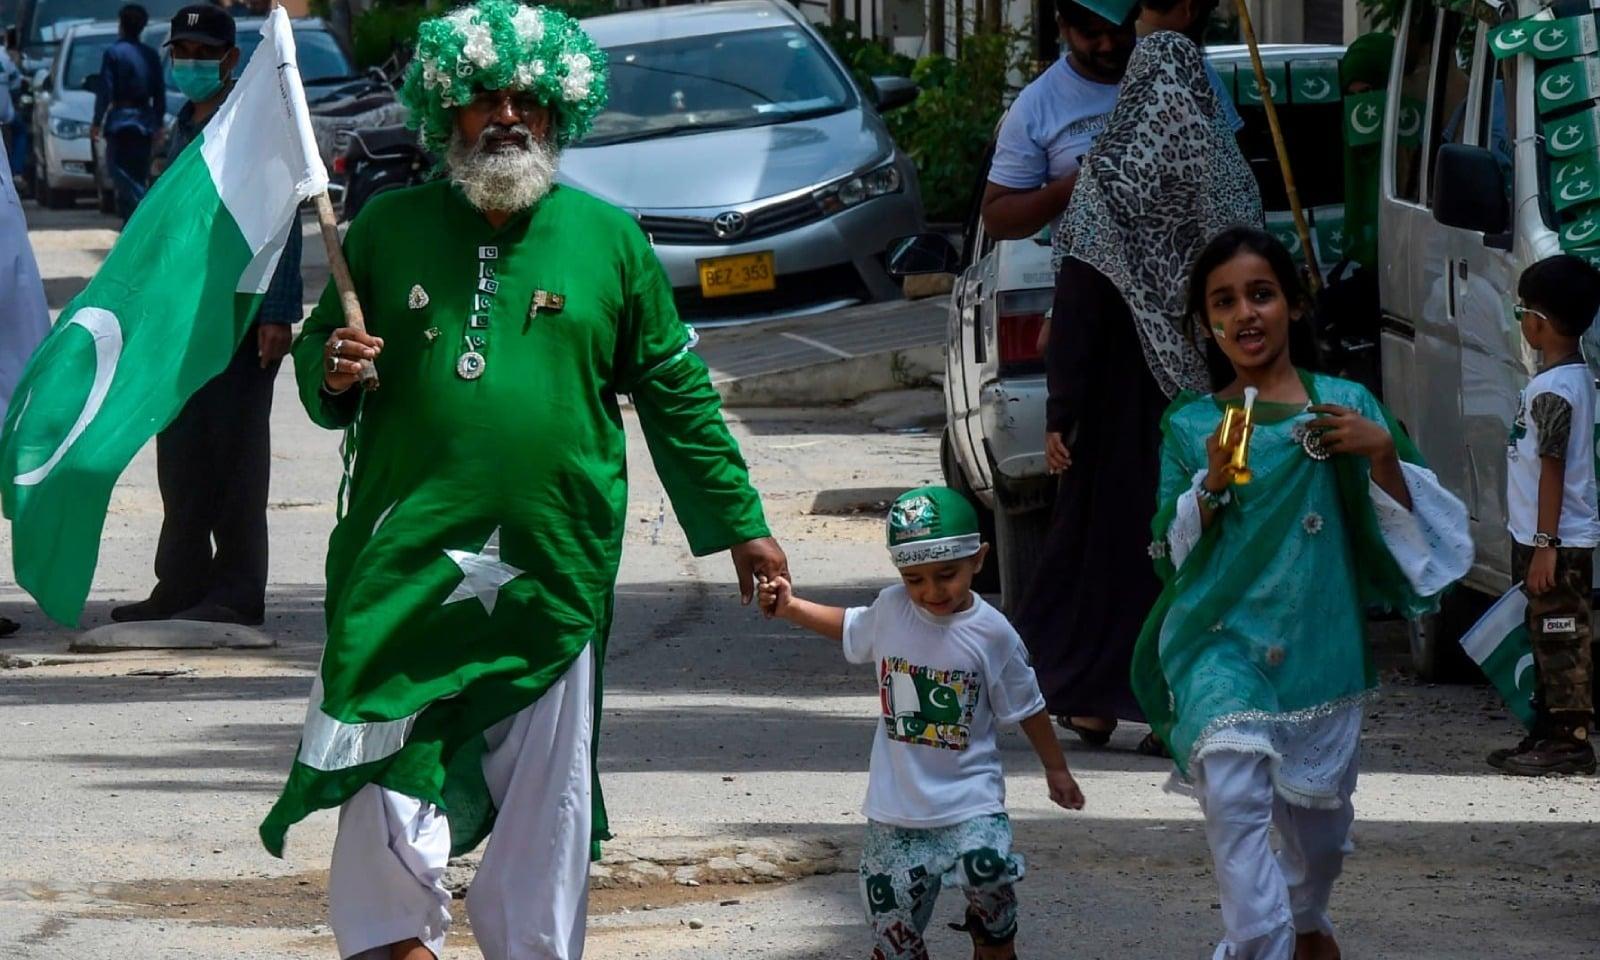 یوم آزادی کے موقع بچوں اور بڑوں سب کی خوشی دیدنی نظر آئی — فوٹو: اے ایف پی